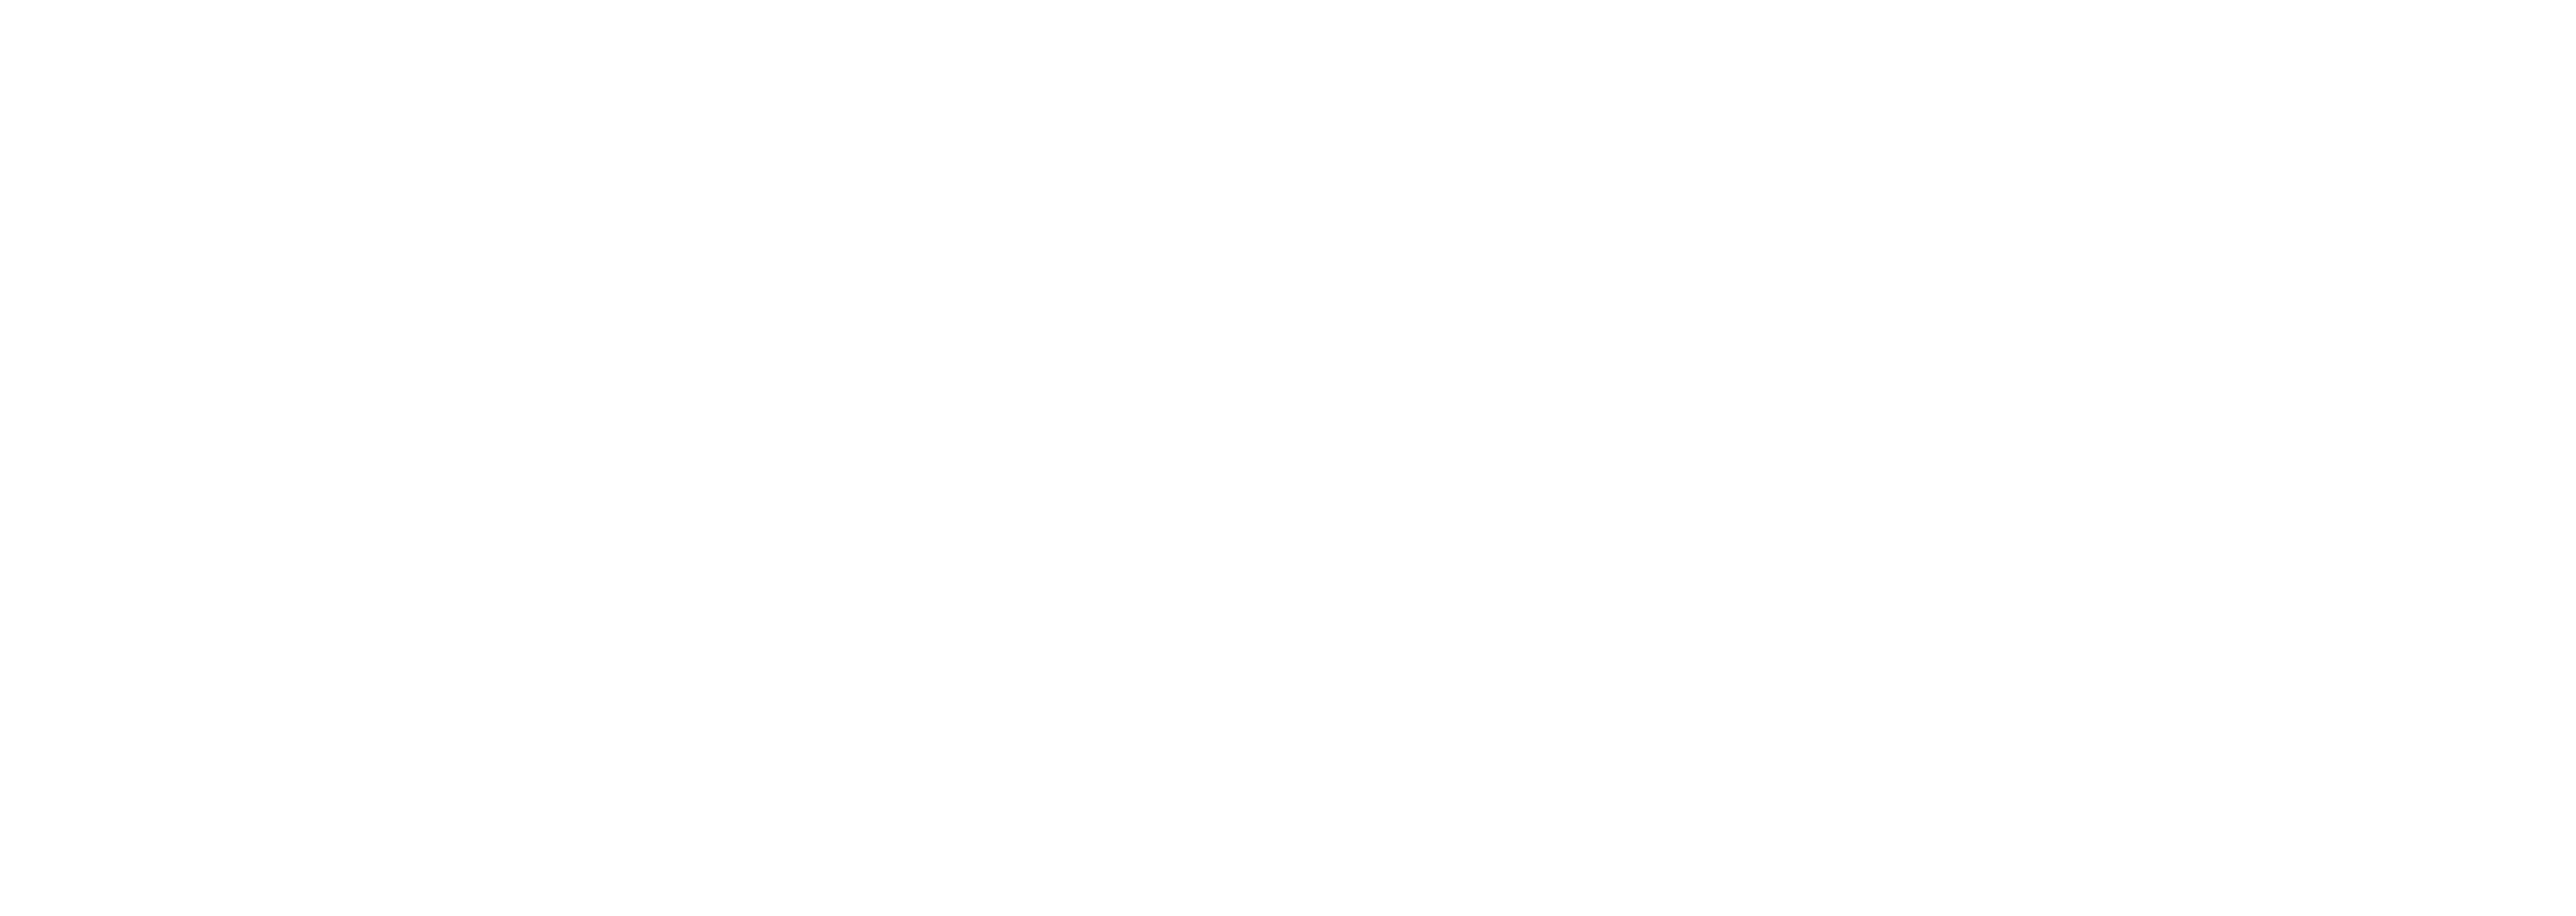 CiderMill Village